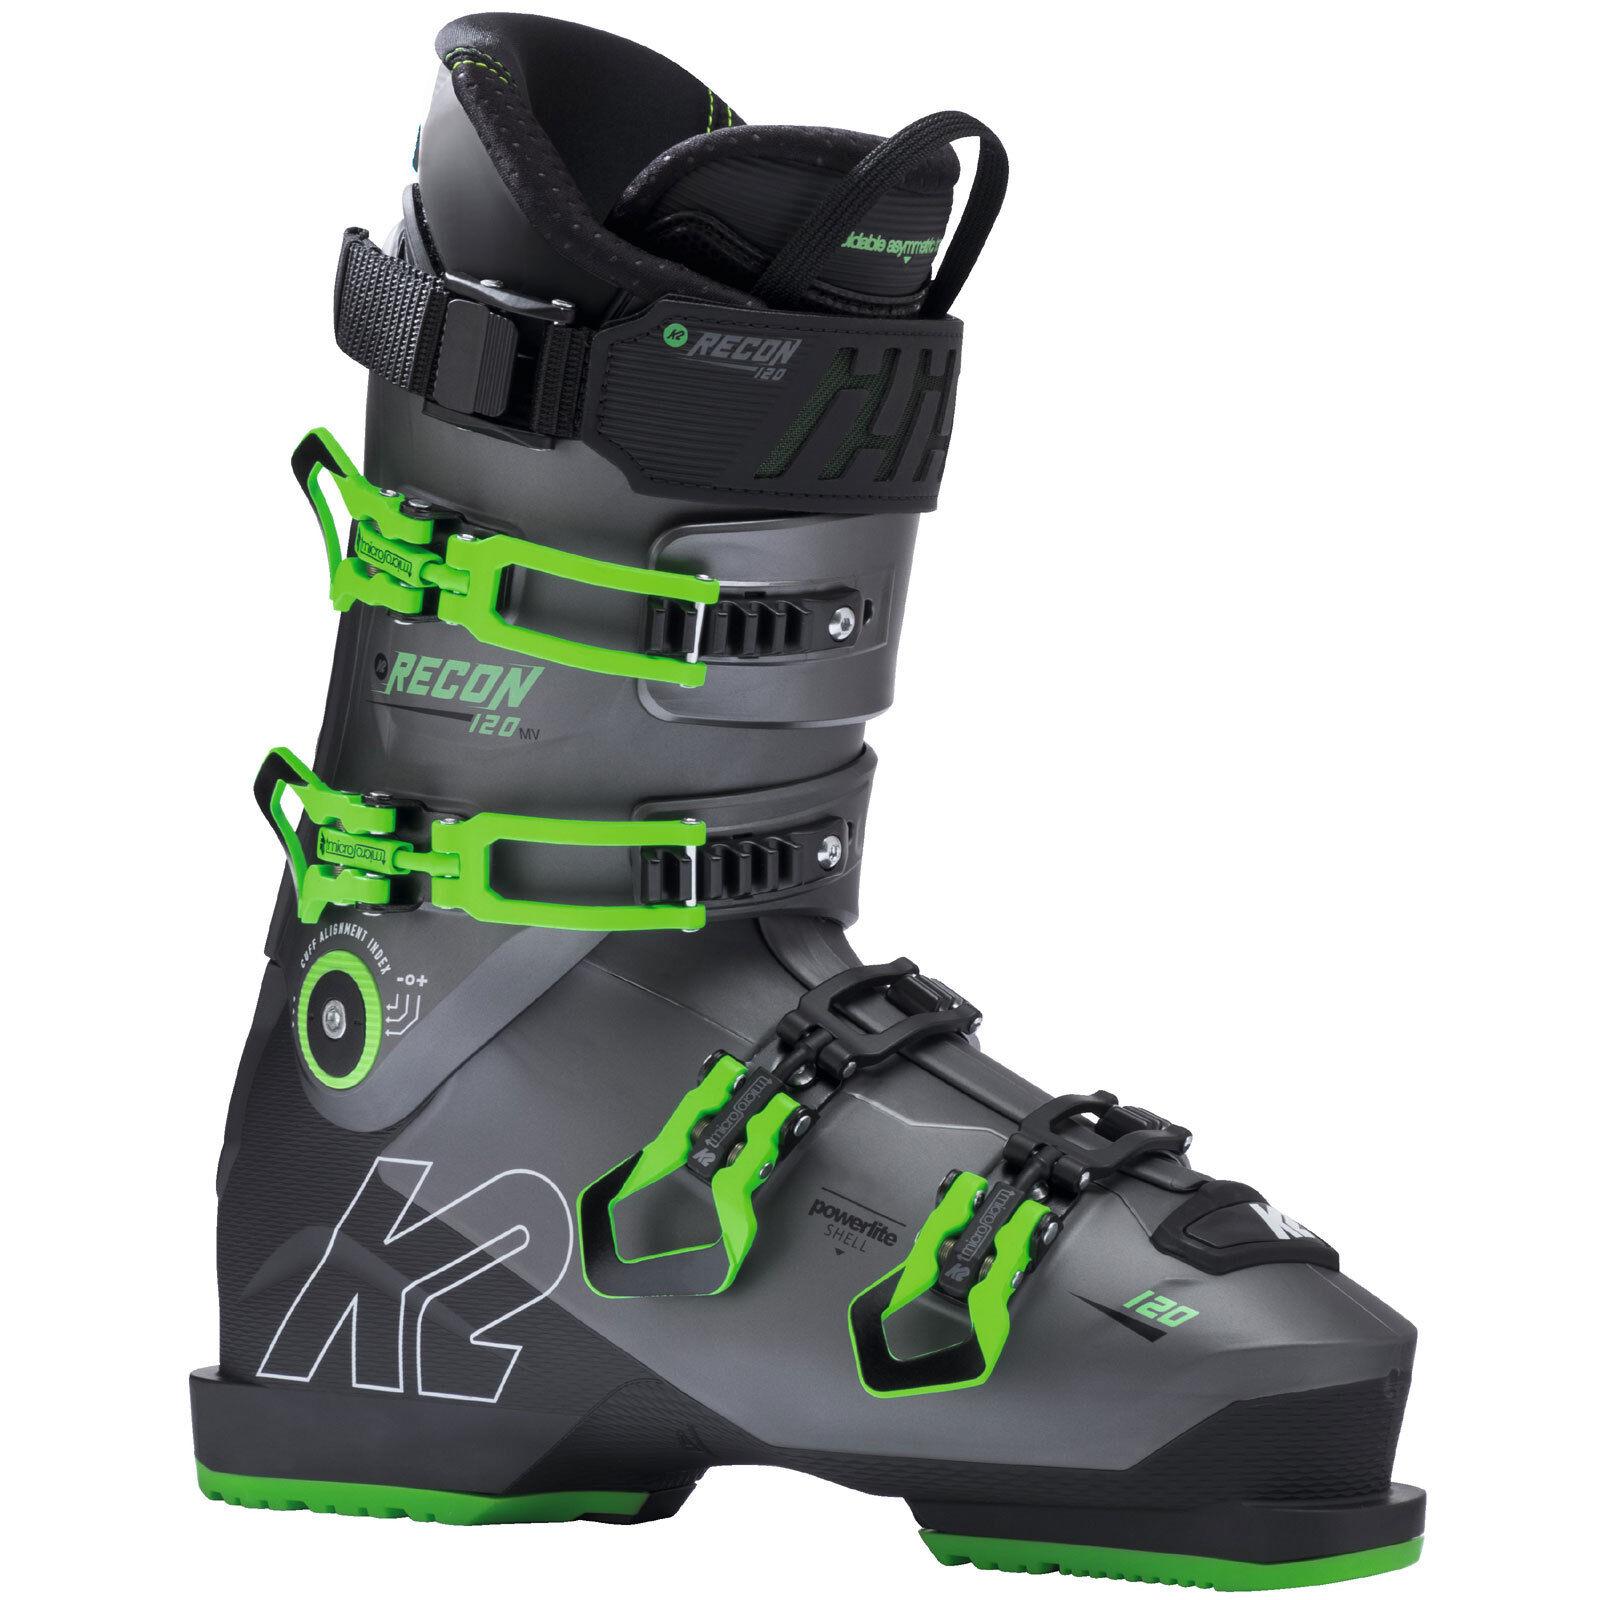 K2 Recon  120 Mv Ski Boots Ski Boots Ski Boots All-Mountain 4-schnallen Men's  new style